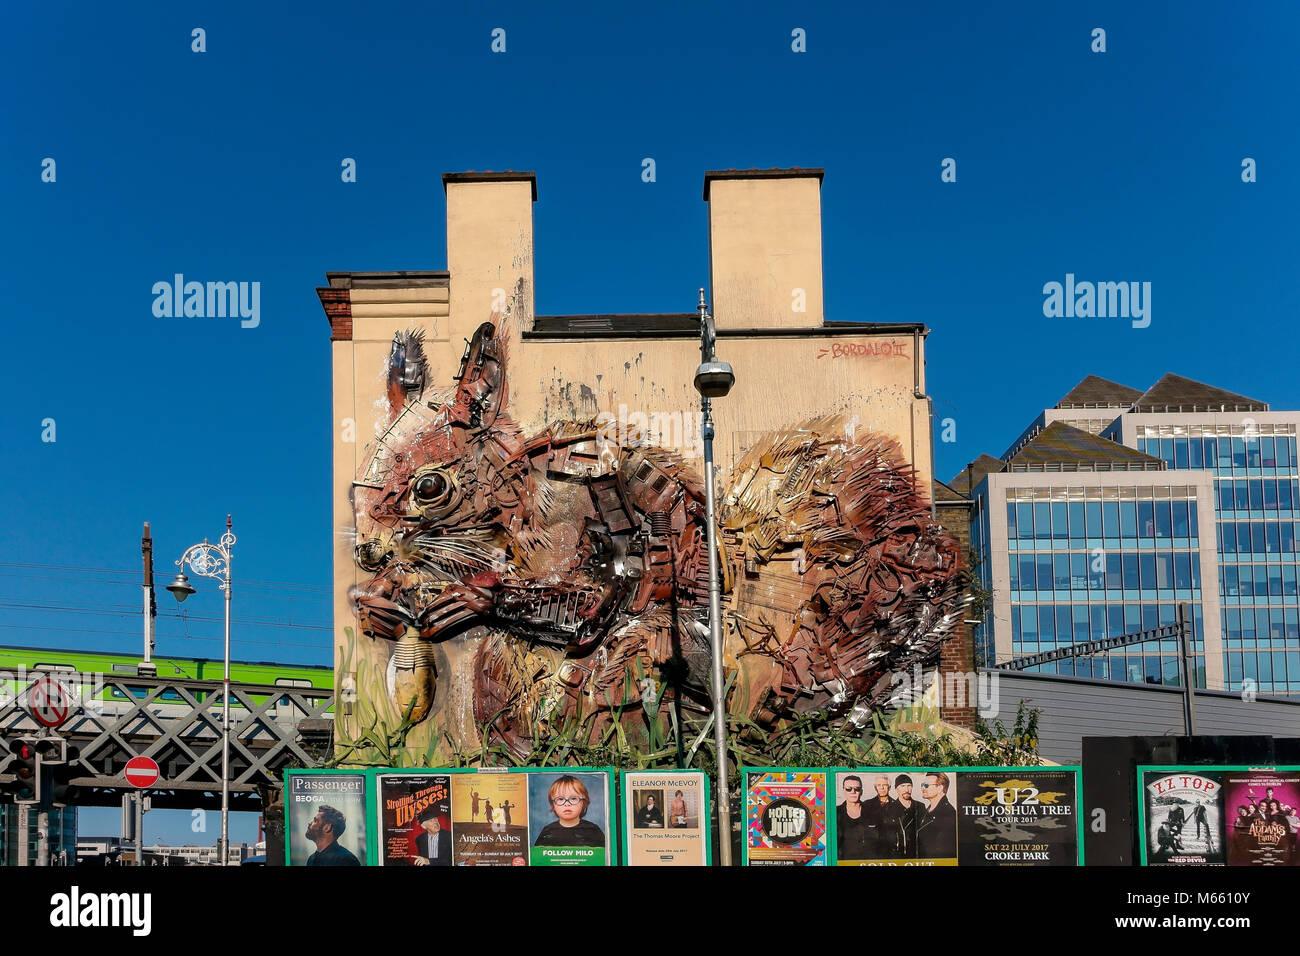 Obra de Arte en el taller Gastro Pub fachada. Ardilla roja, fabricado a partir de residuos de la ciudad, por el artista ambiental, Artur Bordalo. En Dublín, República de Irlanda Foto de stock